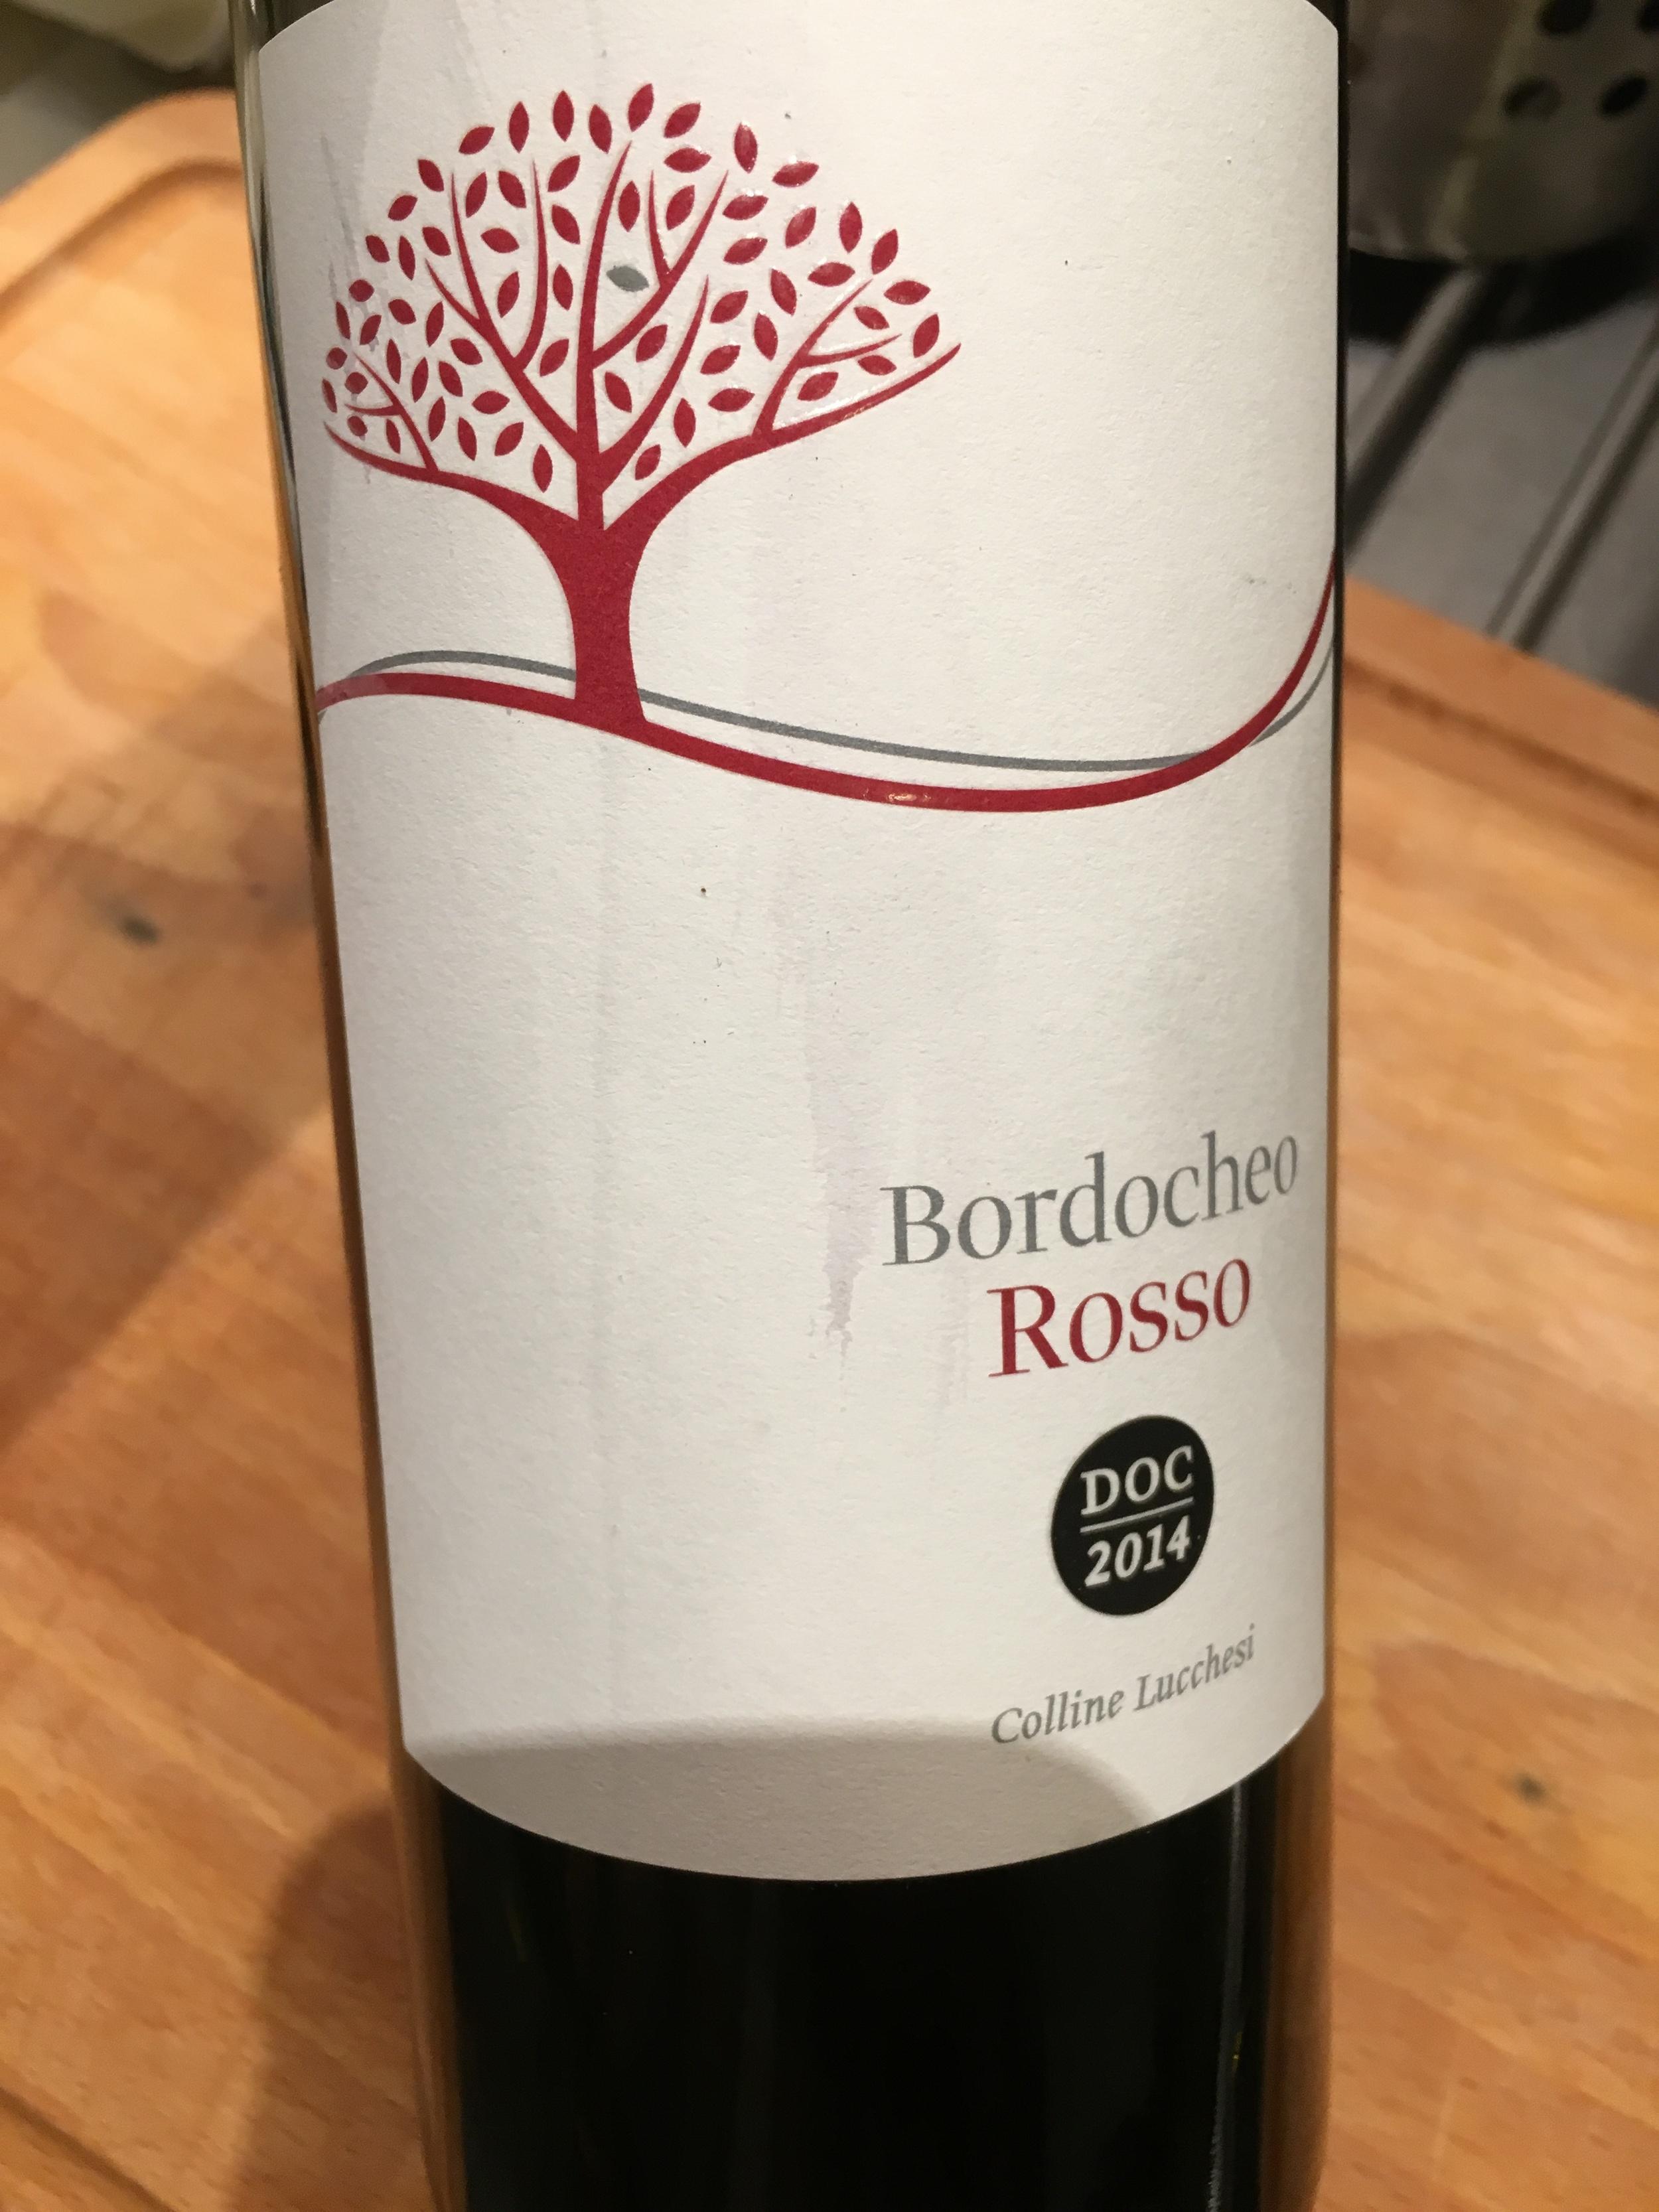 Bordocheo Rosso, Colline Lucchesi 2014